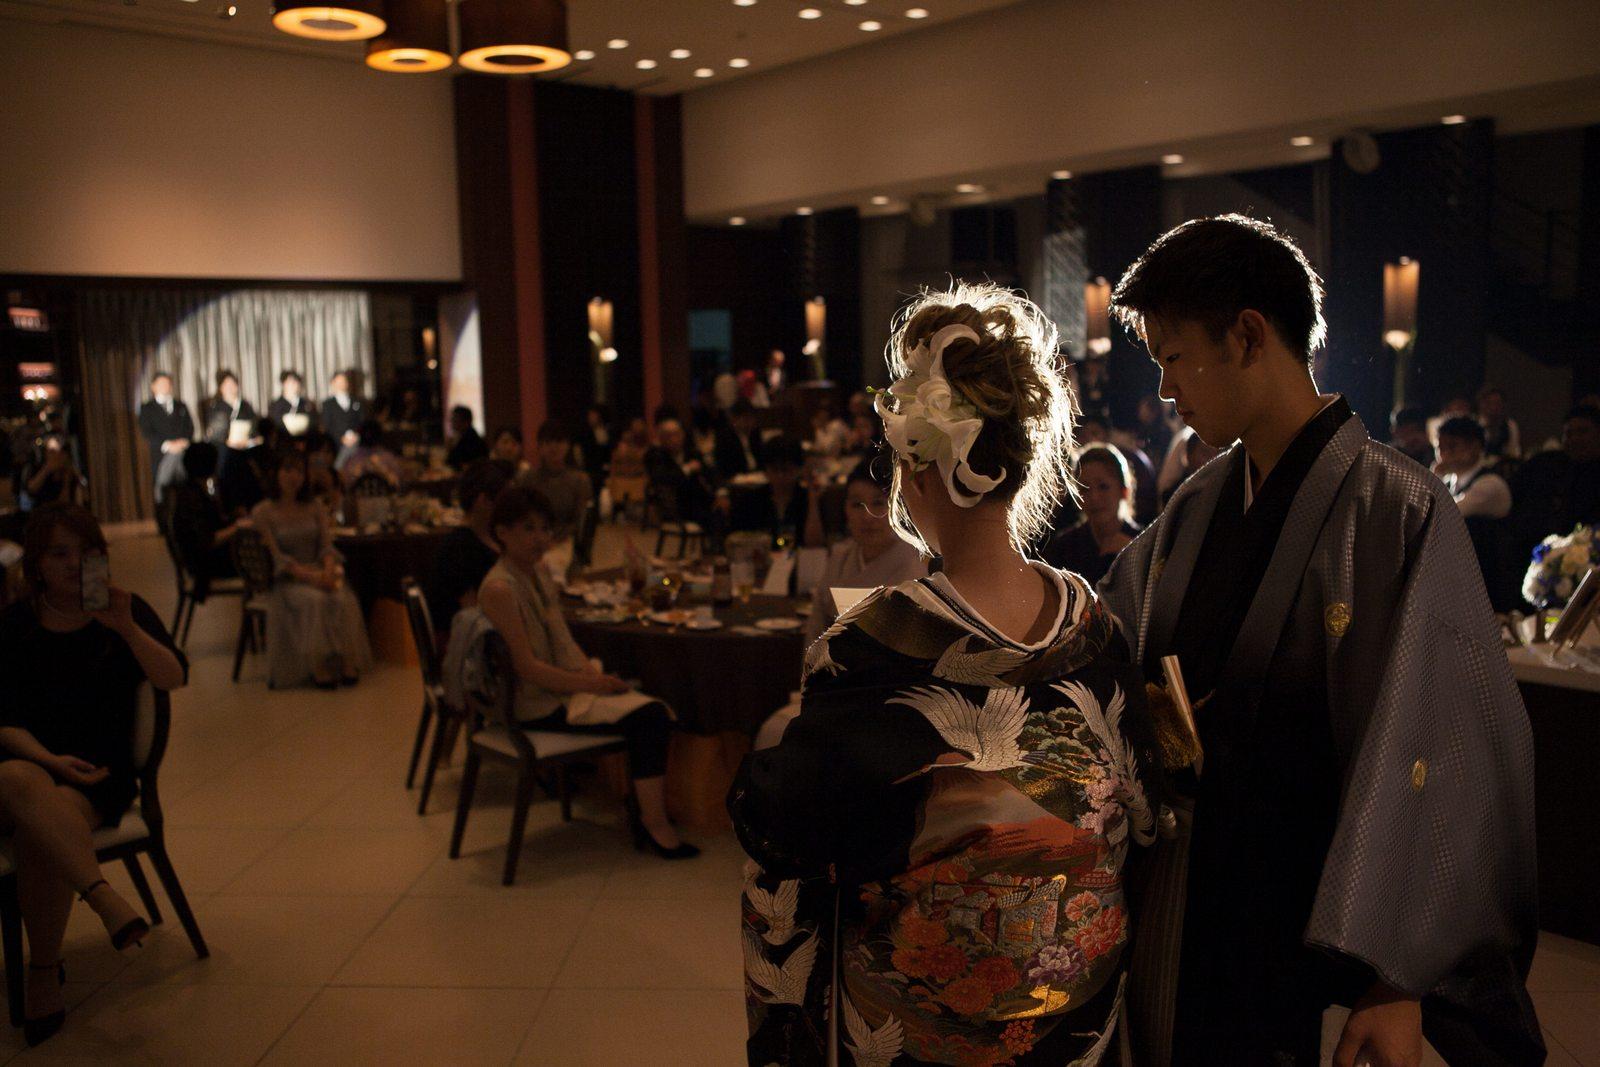 徳島市の結婚式場ブランアンジュで新婦様からご両親様への感動のお手紙披露